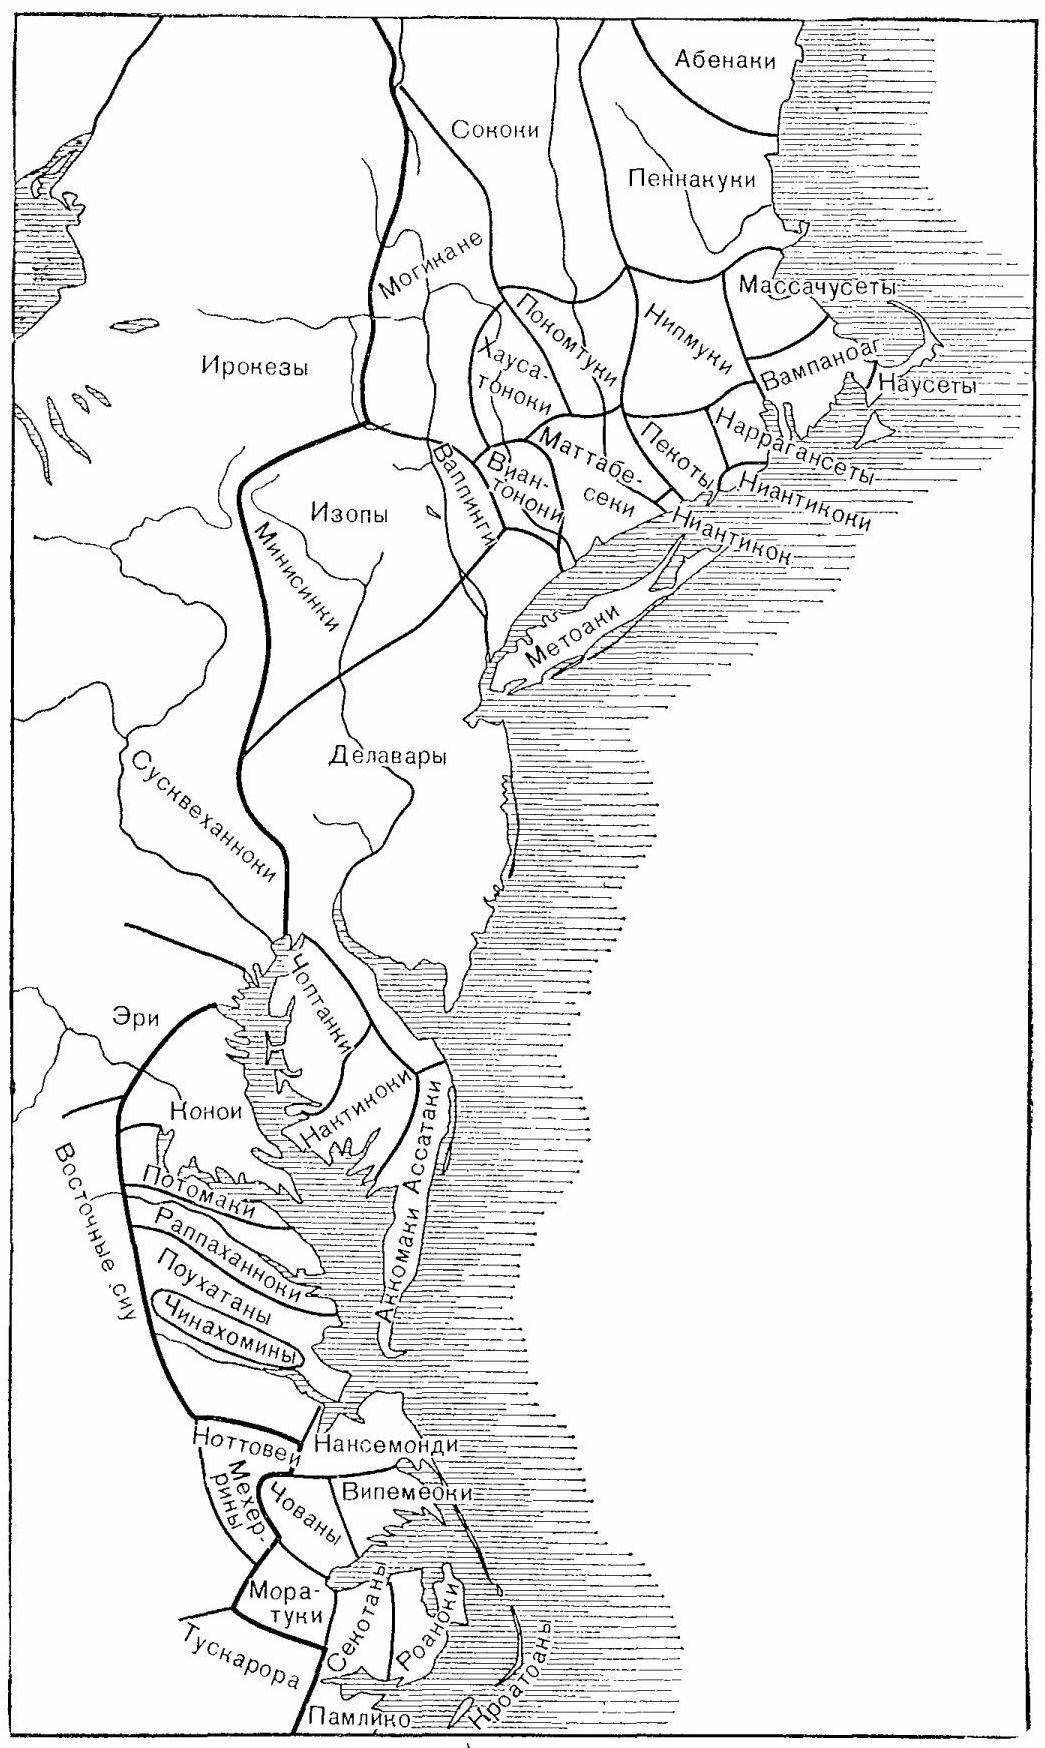 Рис. 1. Прибрежные алгонкины и их западные соседи после образования более широких политических единиц в начале XVII в. Эта карта представляет собой пересмотренный вариант креберовской карты Среднеатлантического побережья, которая охватывает область от южной части современного штата Мэн и далее к югу в направлении Северной Каролины.